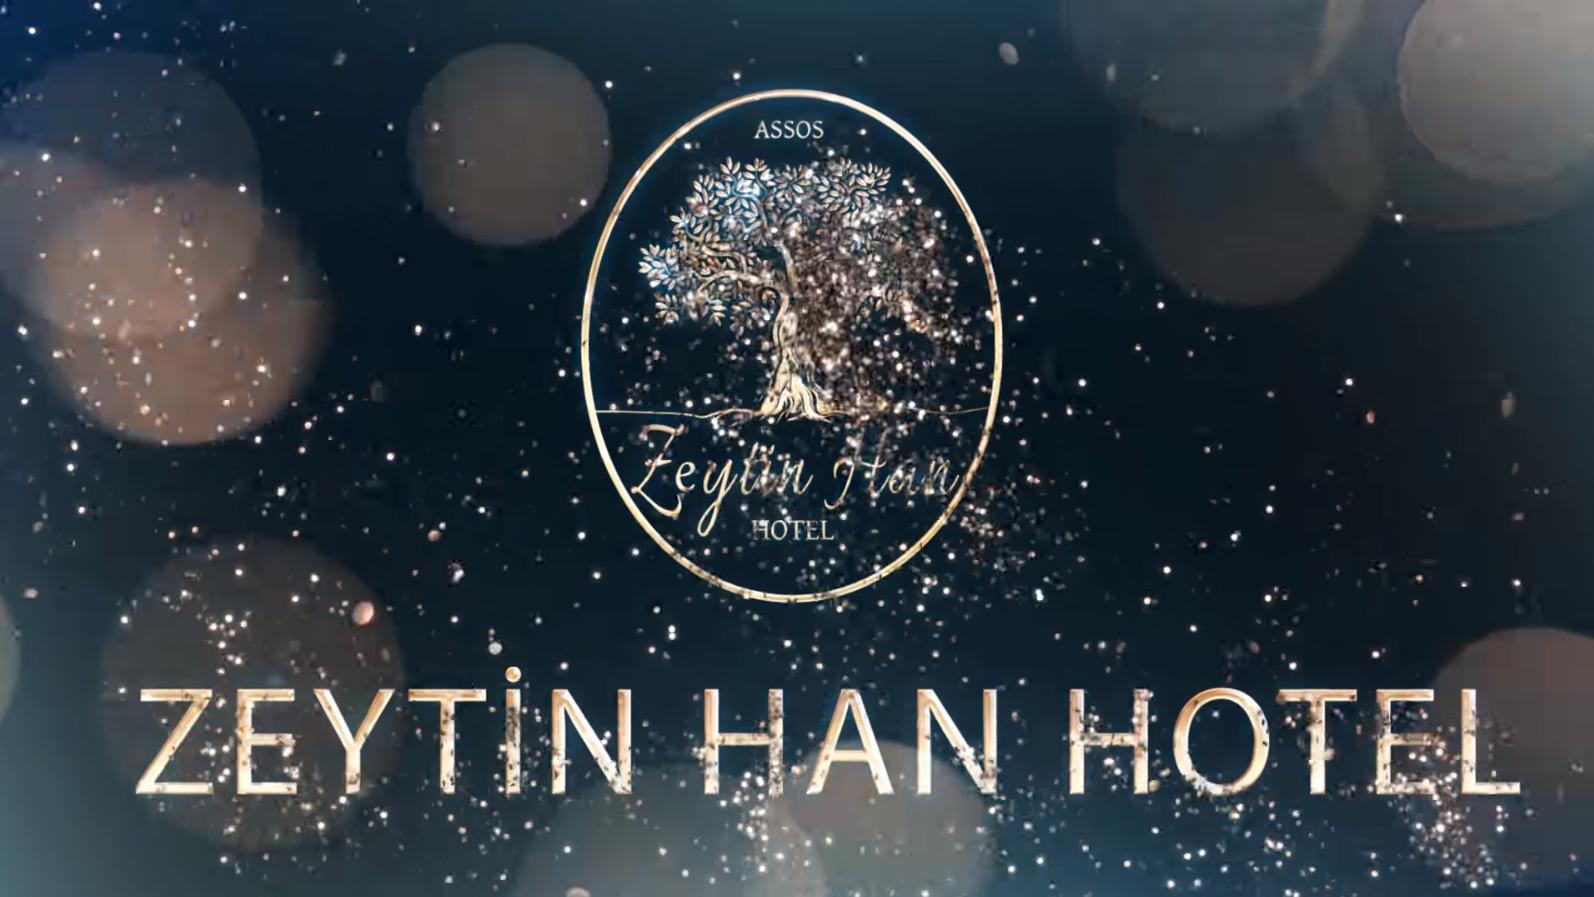 Zeytin Han Hotel Tanıtım Klibi